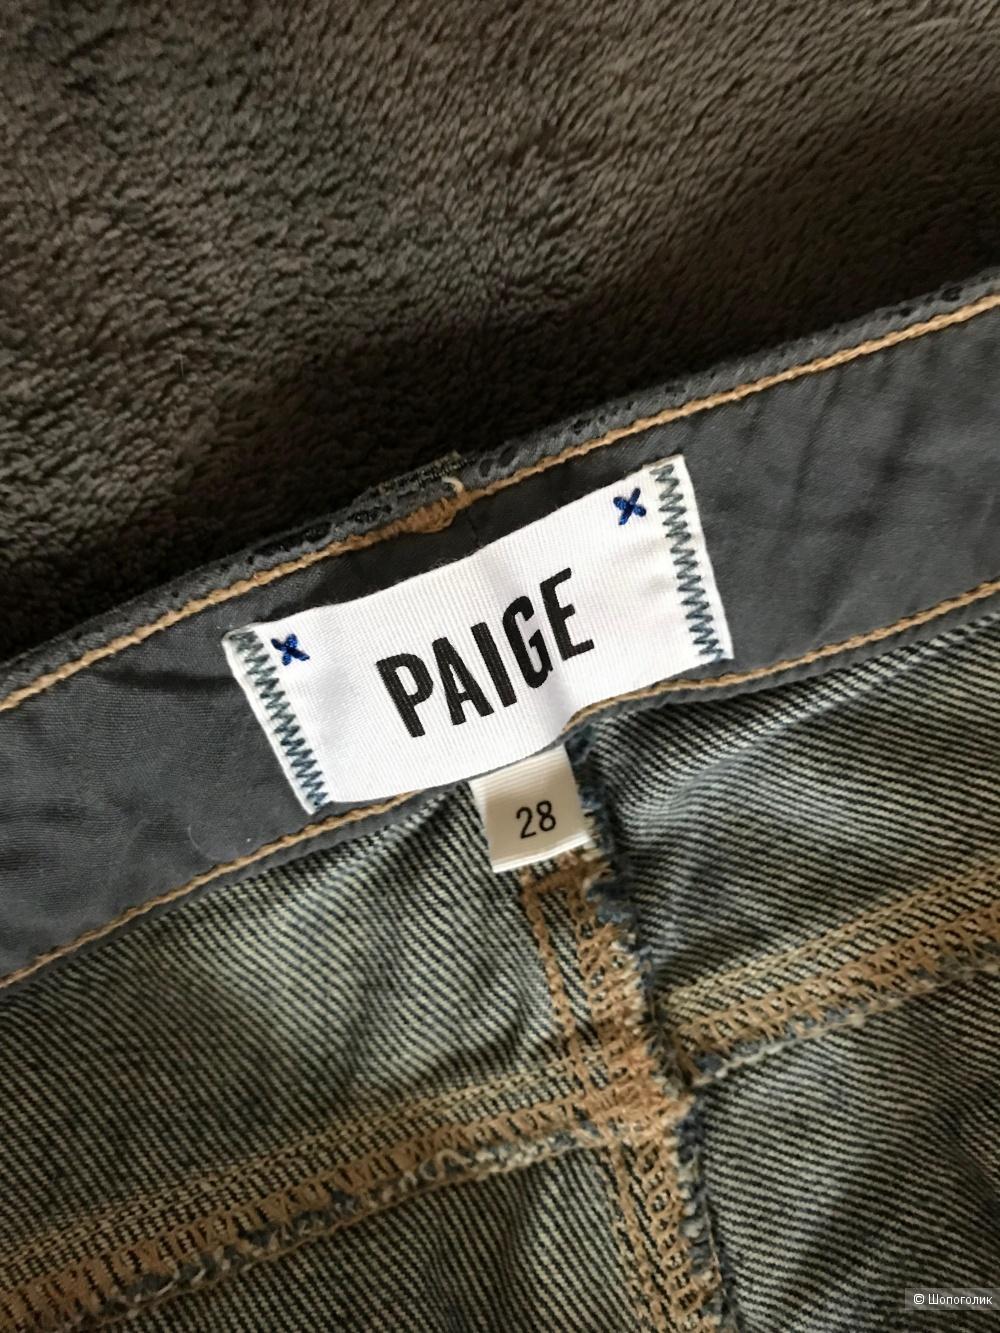 Джинсы Paige размер 28.